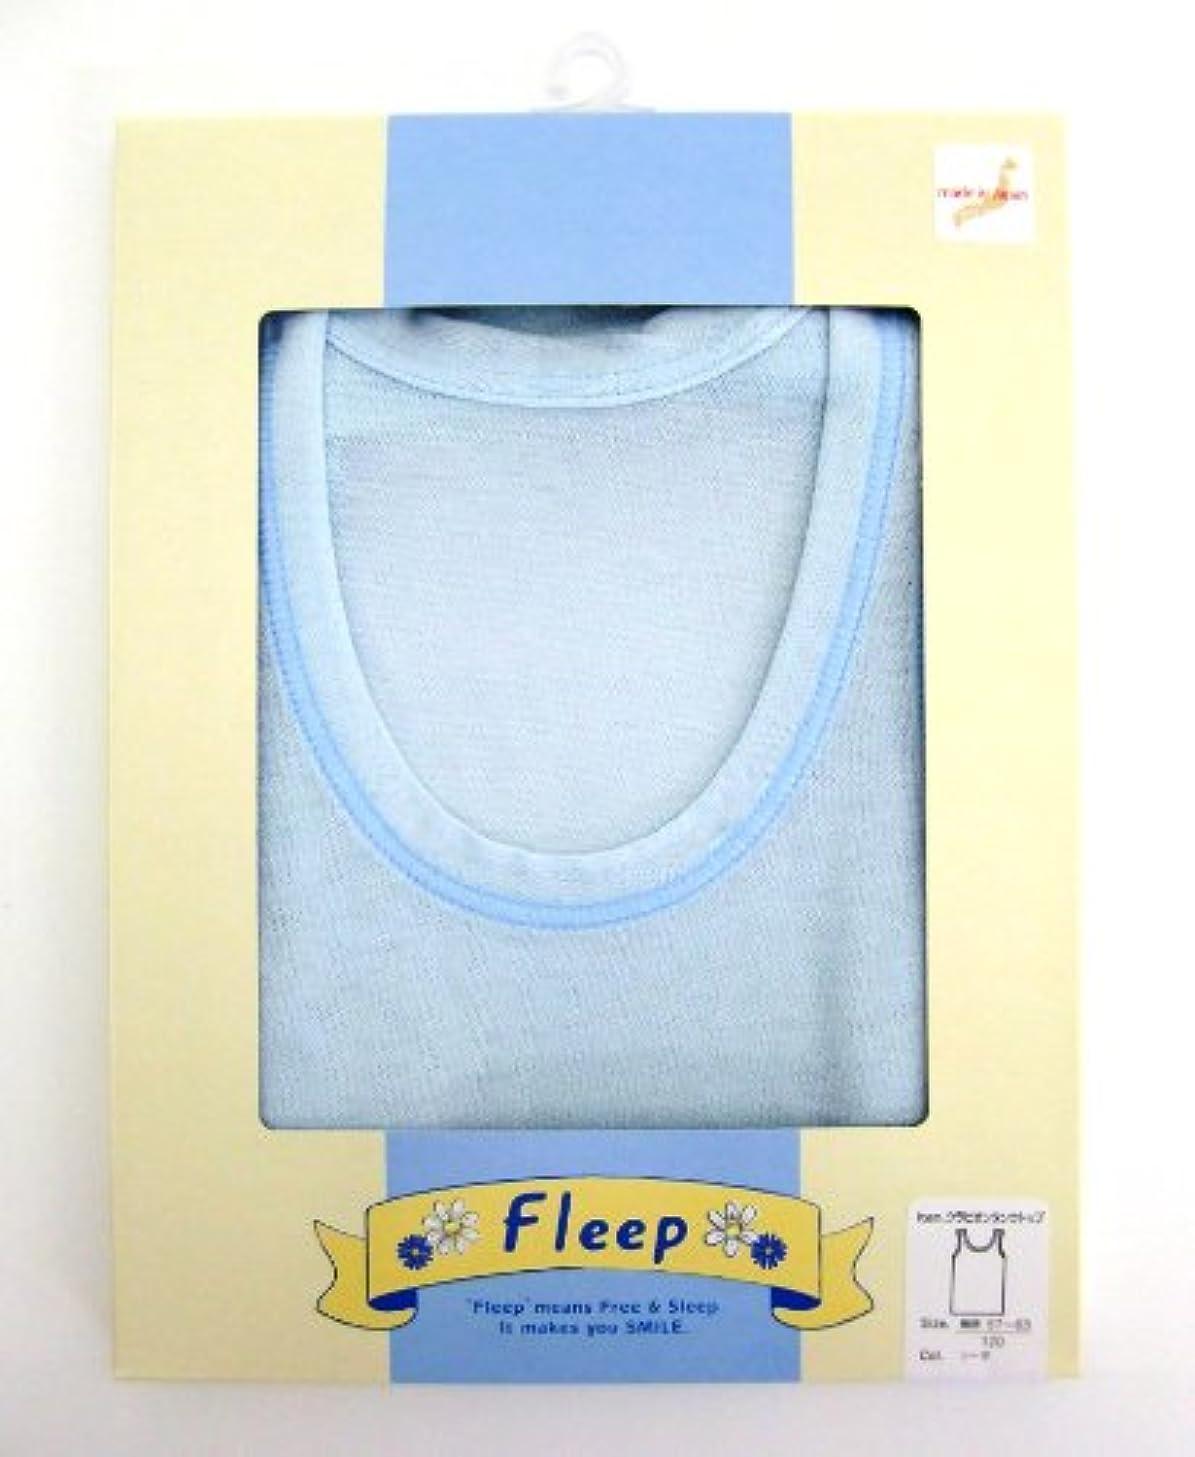 瞑想的セール作りますFleep KIDSクラビオン天竺カジュアルタンクトップ ソーダ 140cm